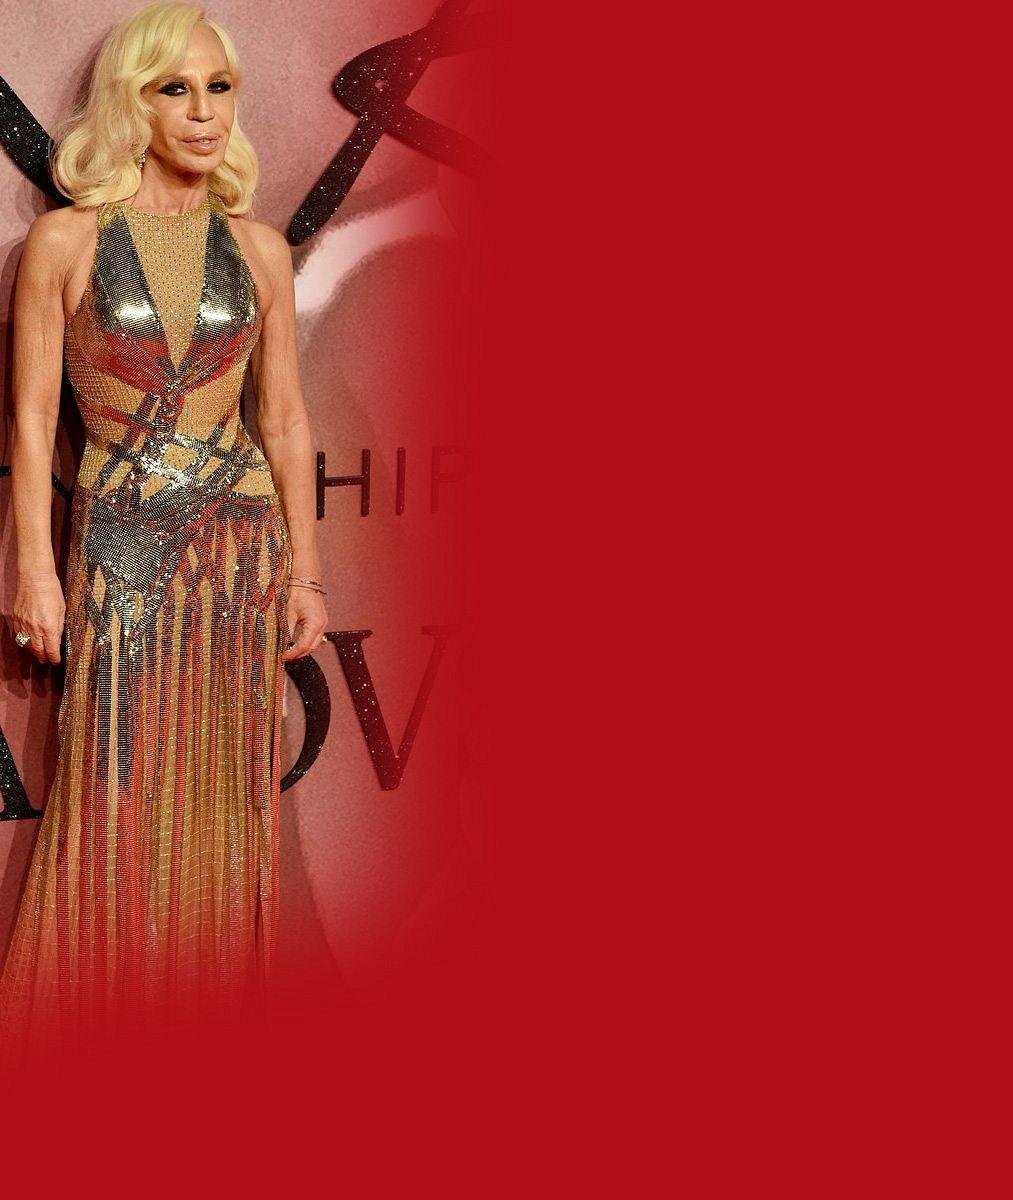 I vyžilá Donatella Versace může být za krásku, když se vyfotí s nejhorším zjevem hudebního šoubyznysu